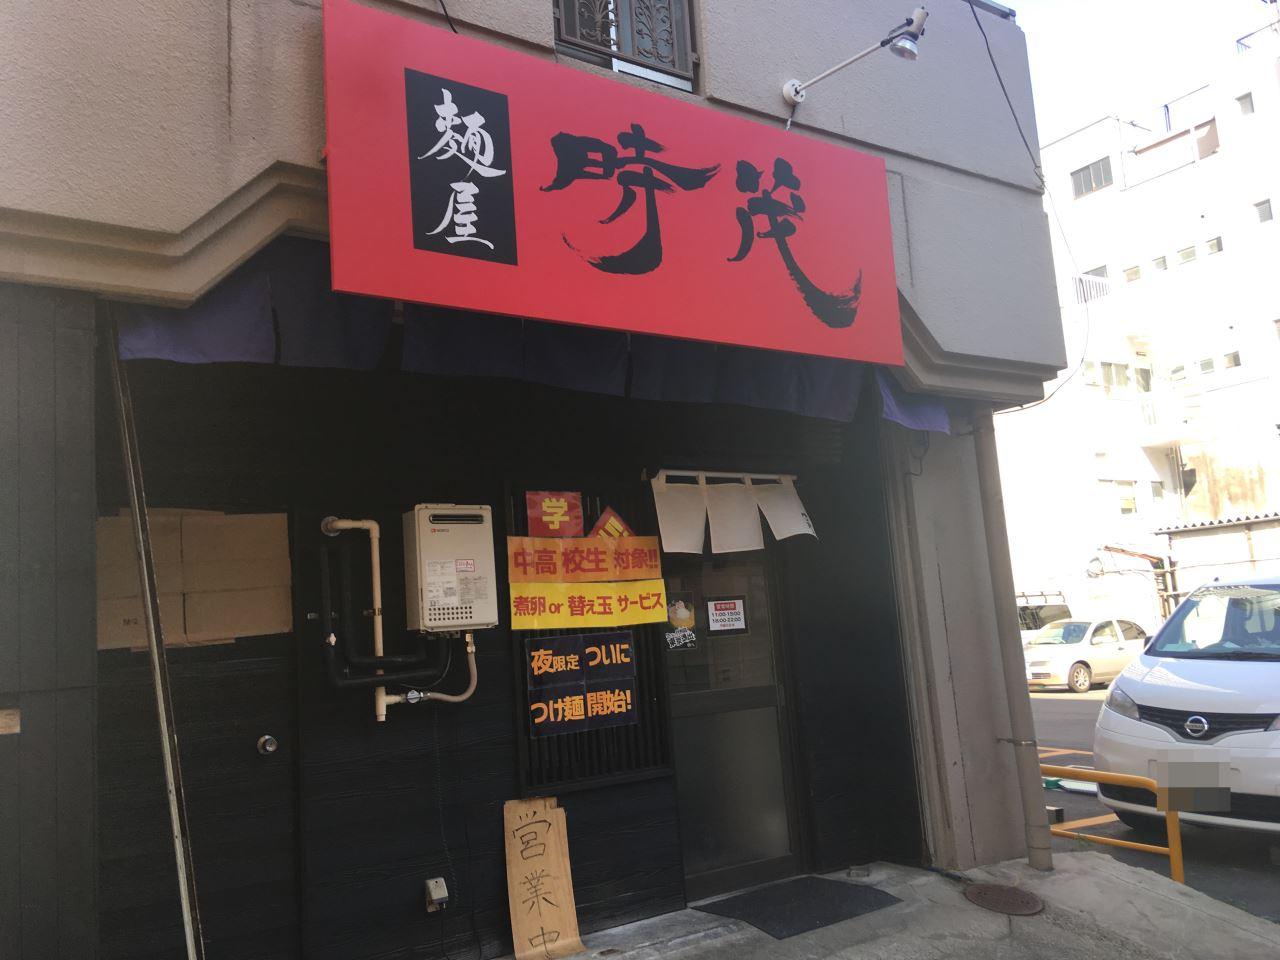 麺屋時茂 スカイツリー店 店舗外観